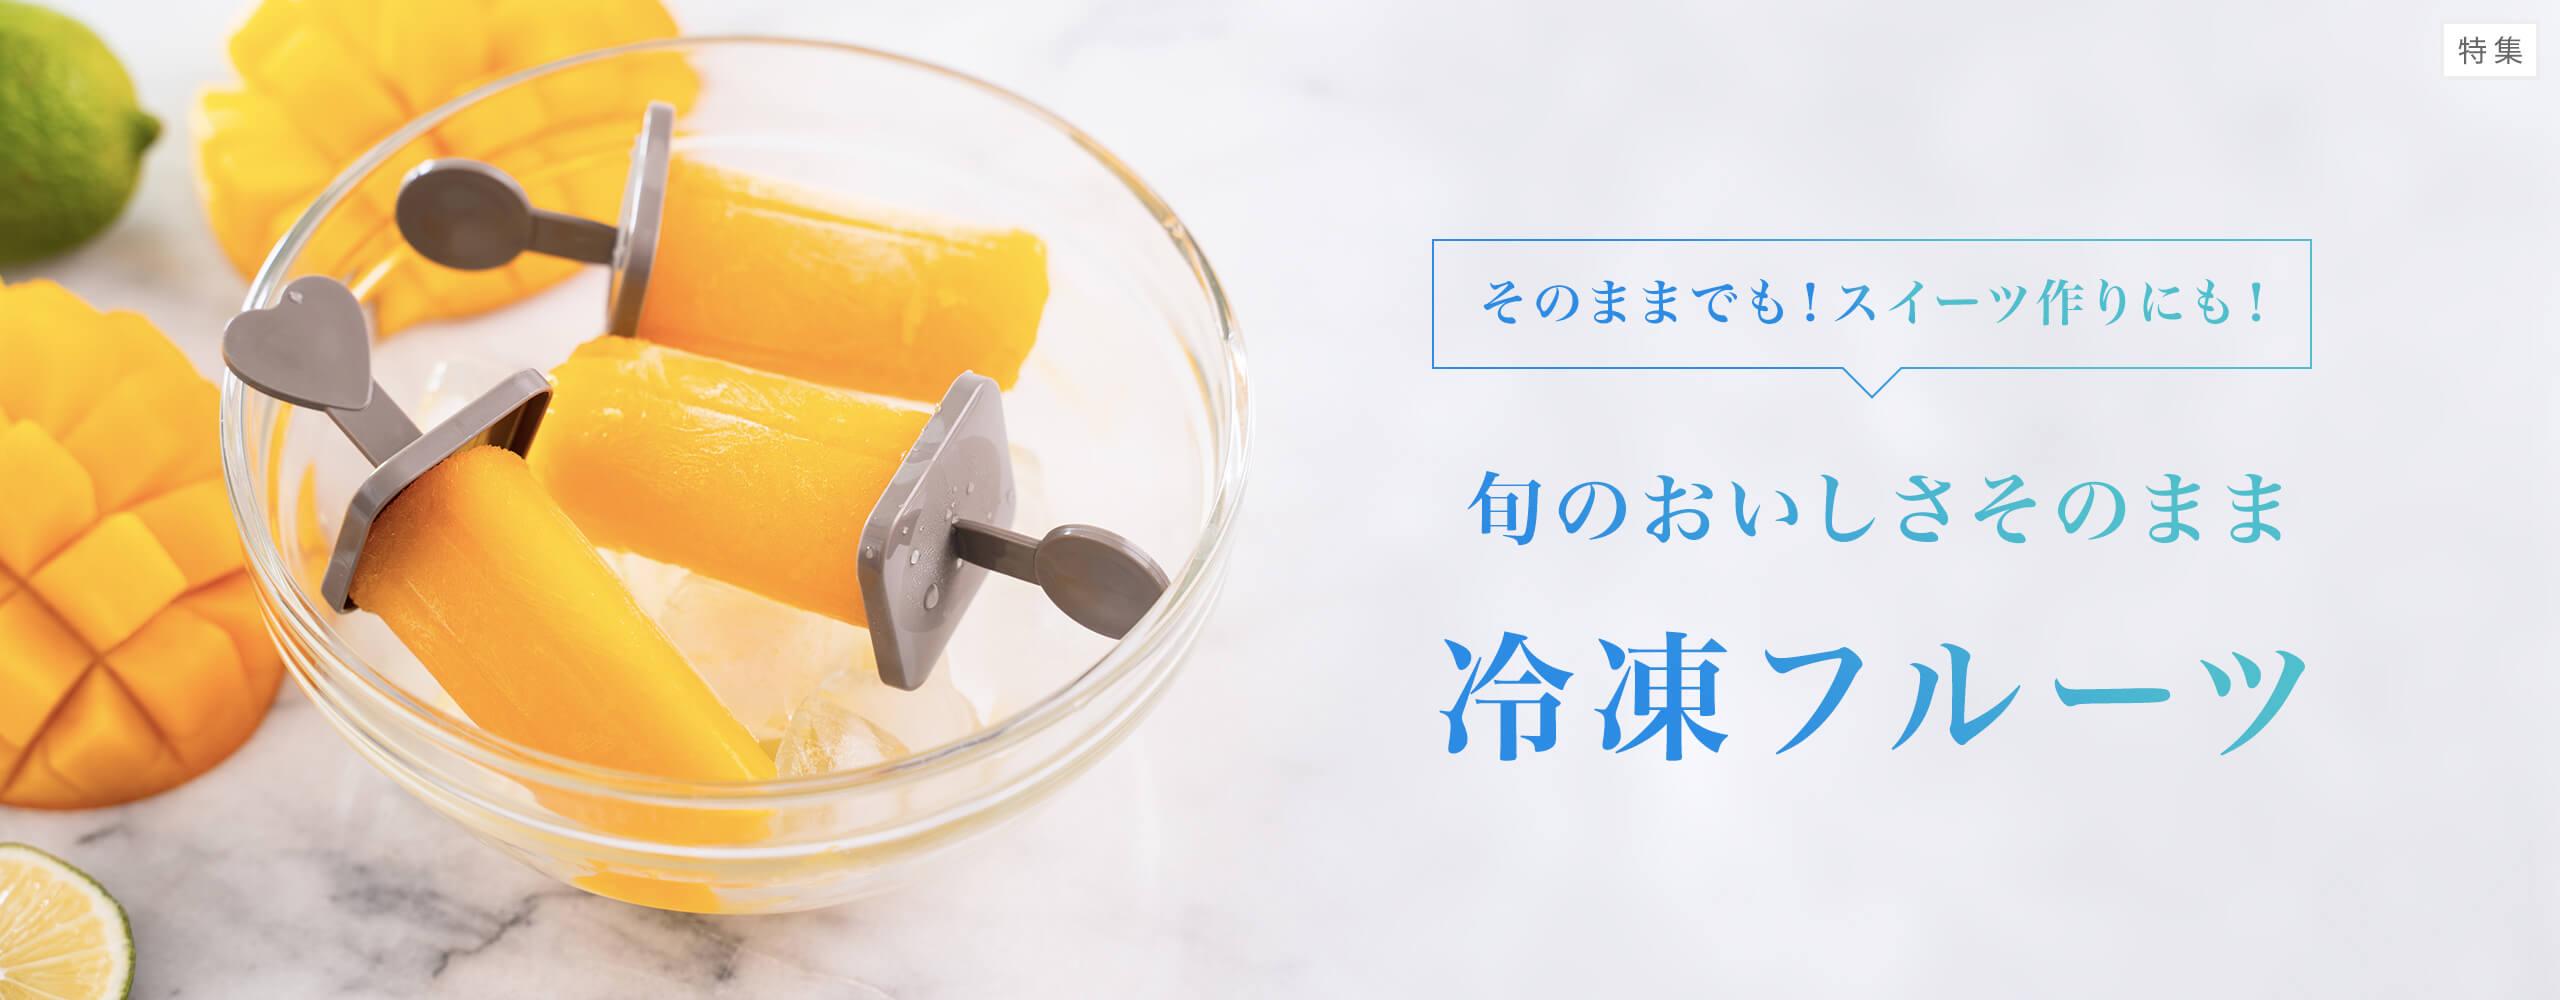 旬のおいしさそのまま\冷凍フルーツ/